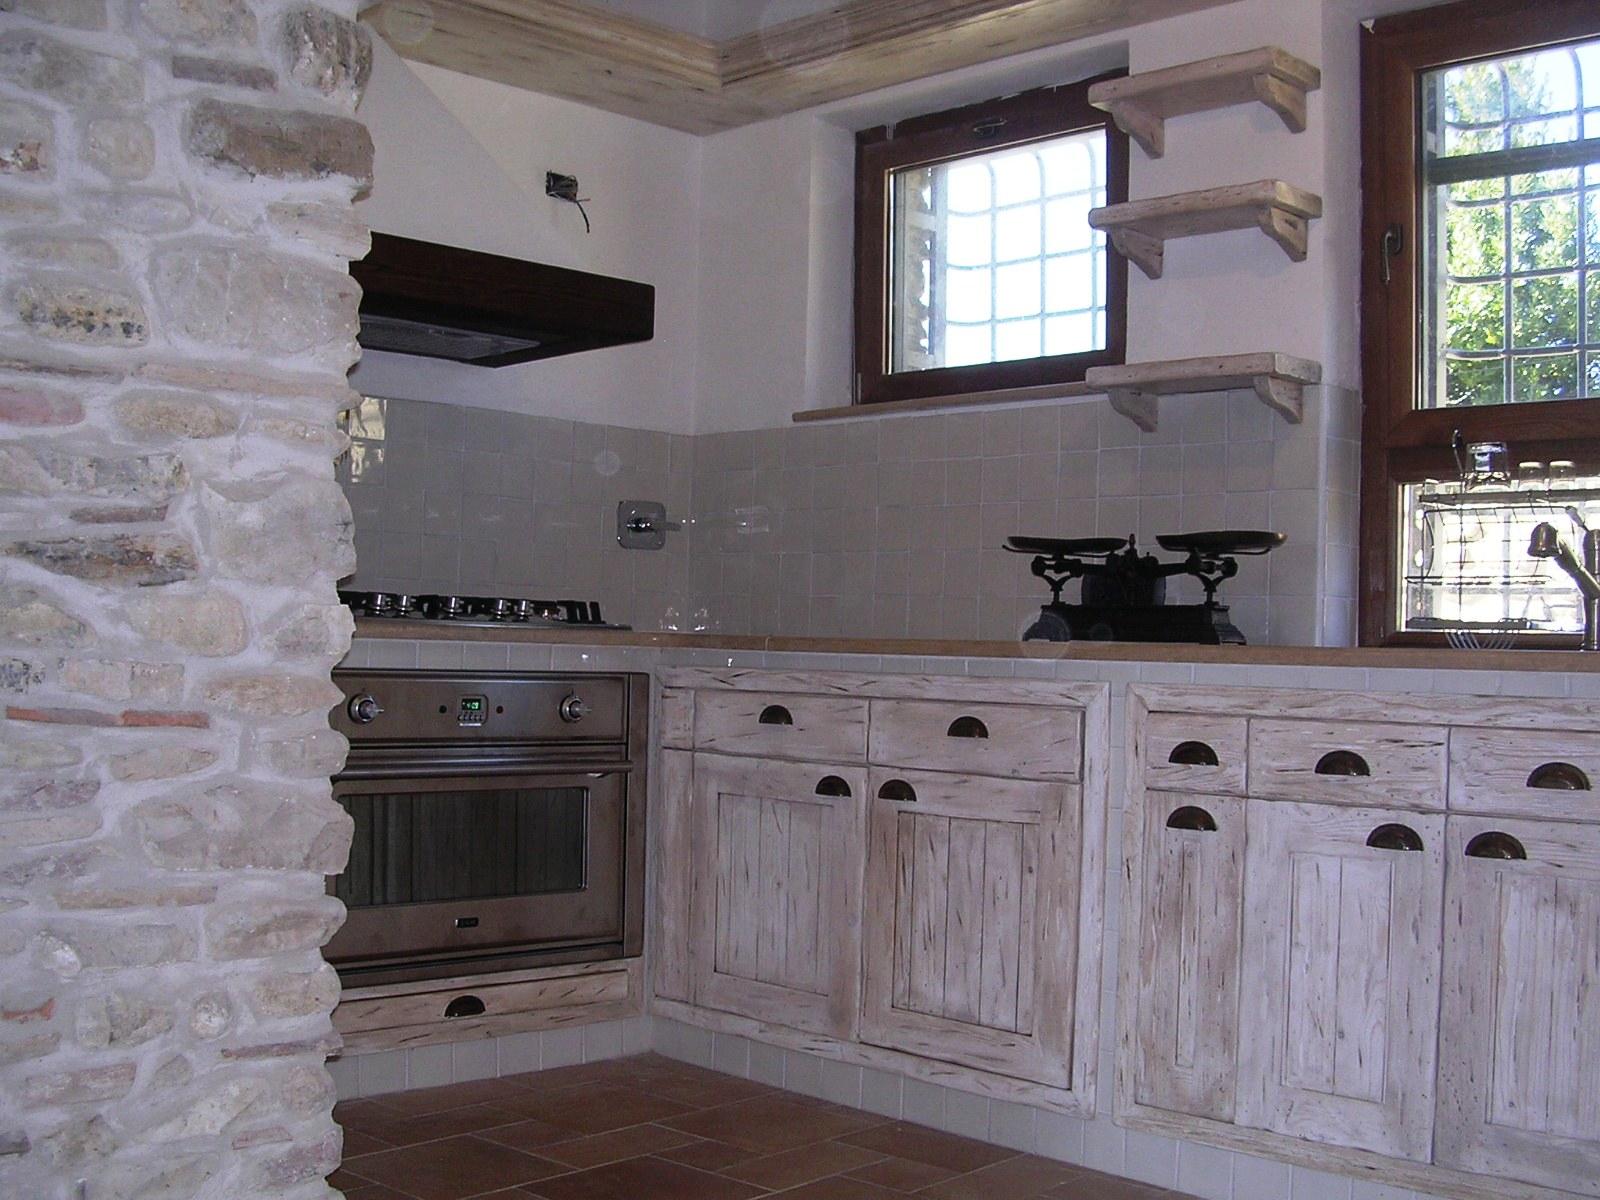 Cucine in muratura e componibili rd arredamenti for Ad arredamenti roma